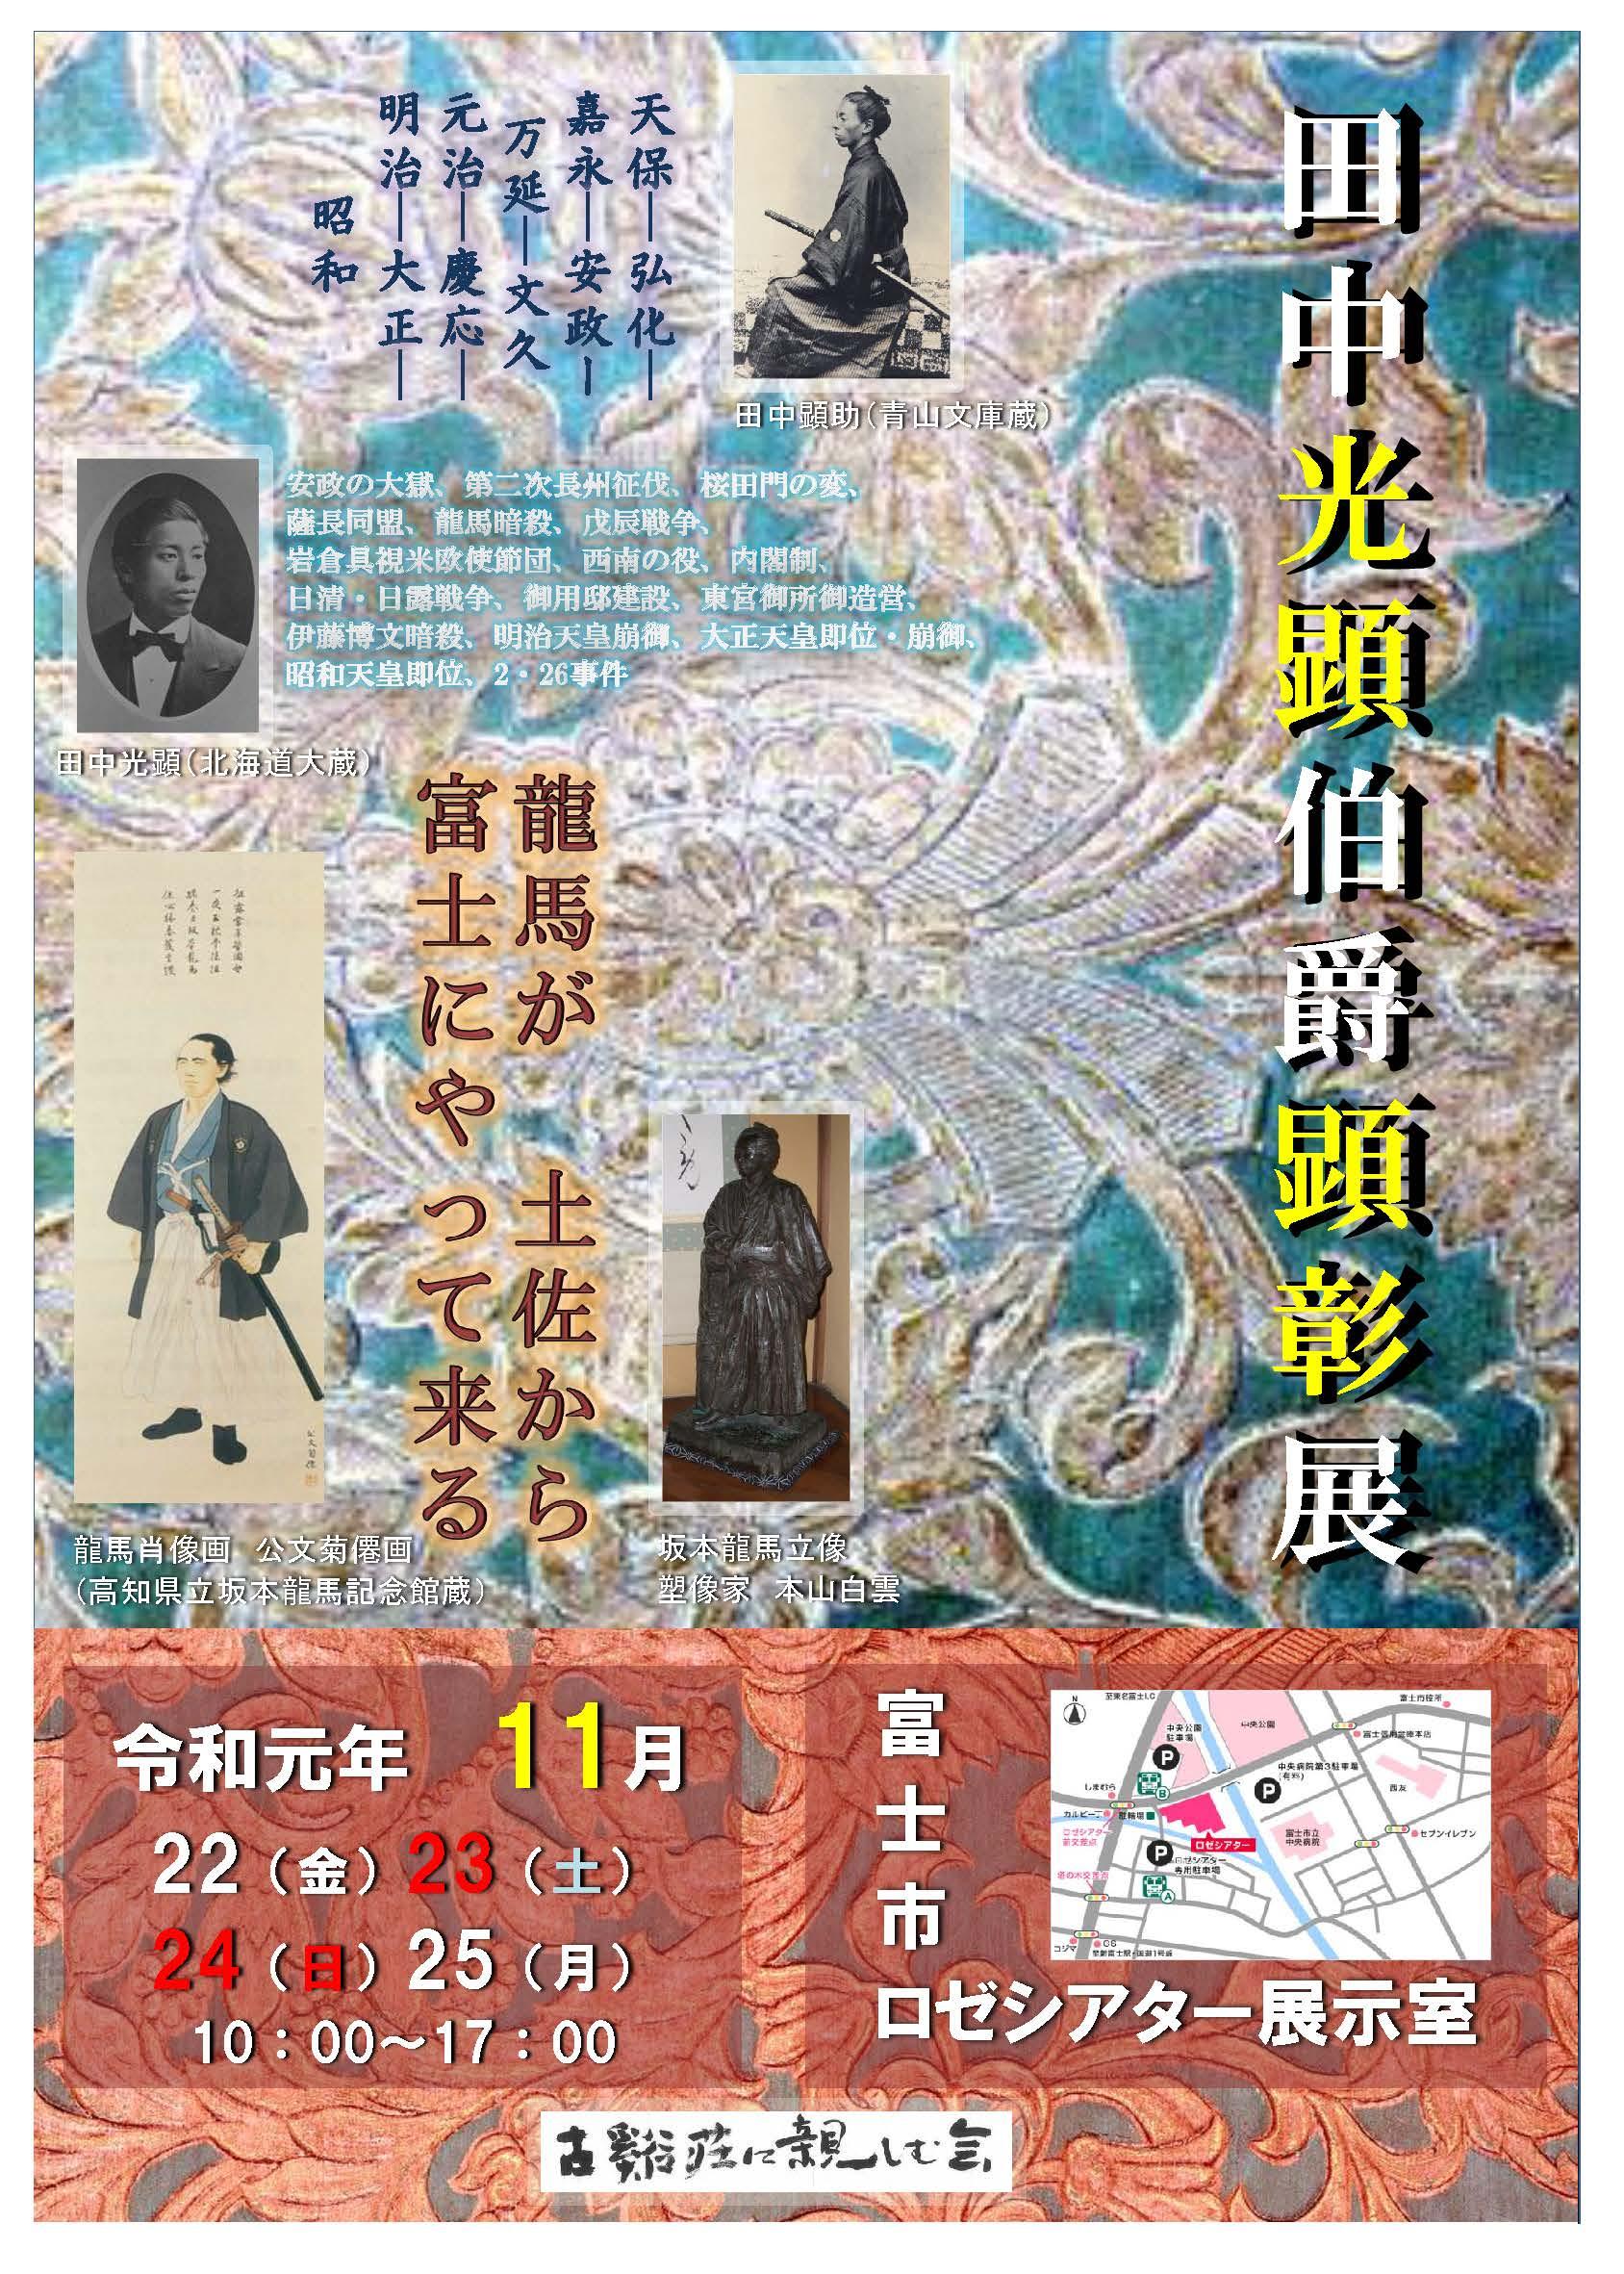 「田中光顕顕彰展(仮)」開催します。